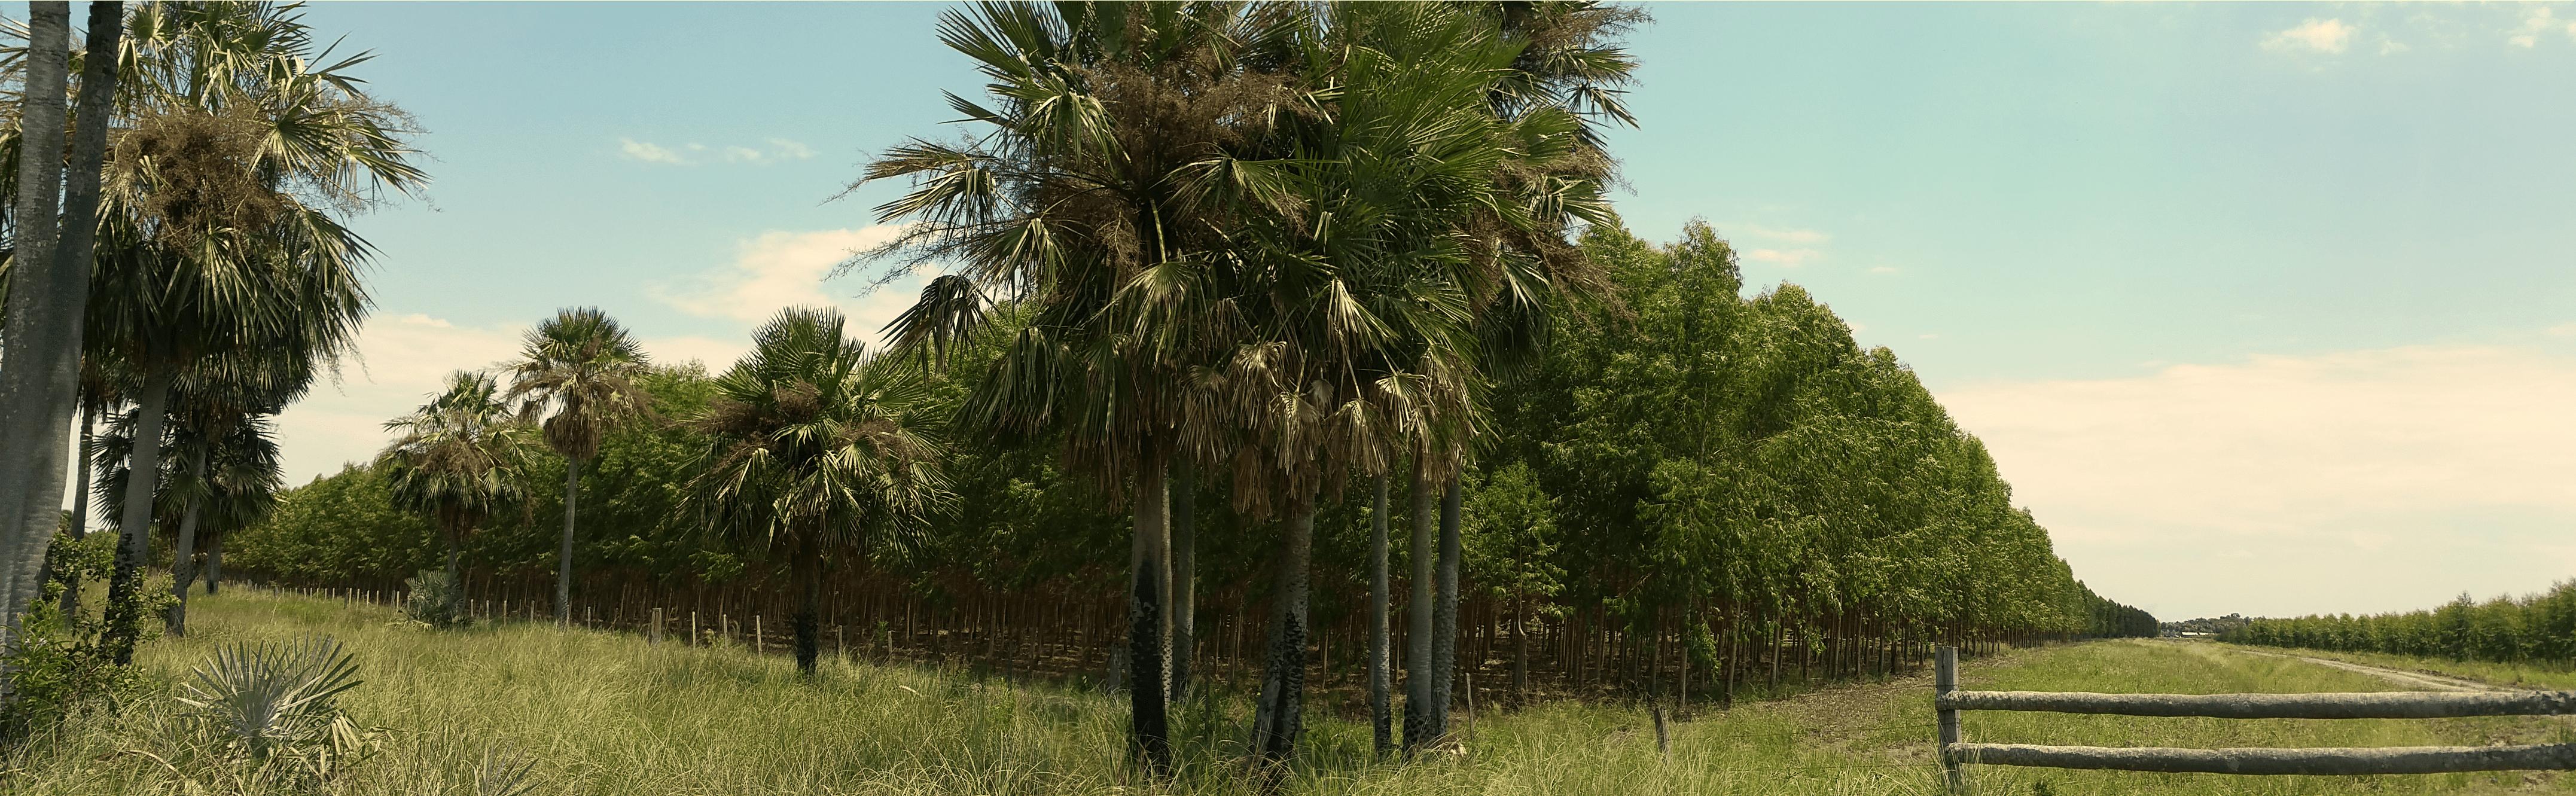 Jedno ťažné - jeden strom